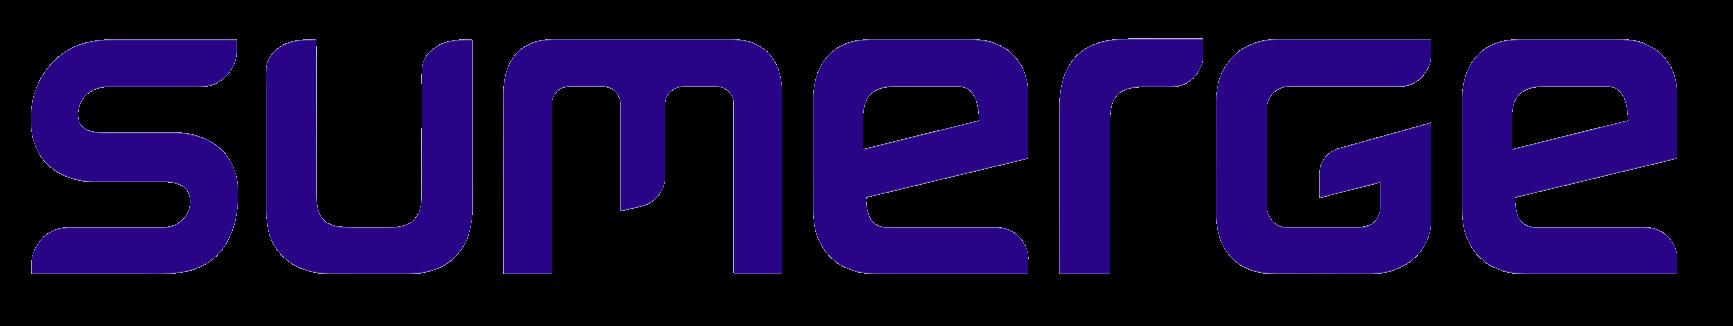 Sumerge Logo - Indigo